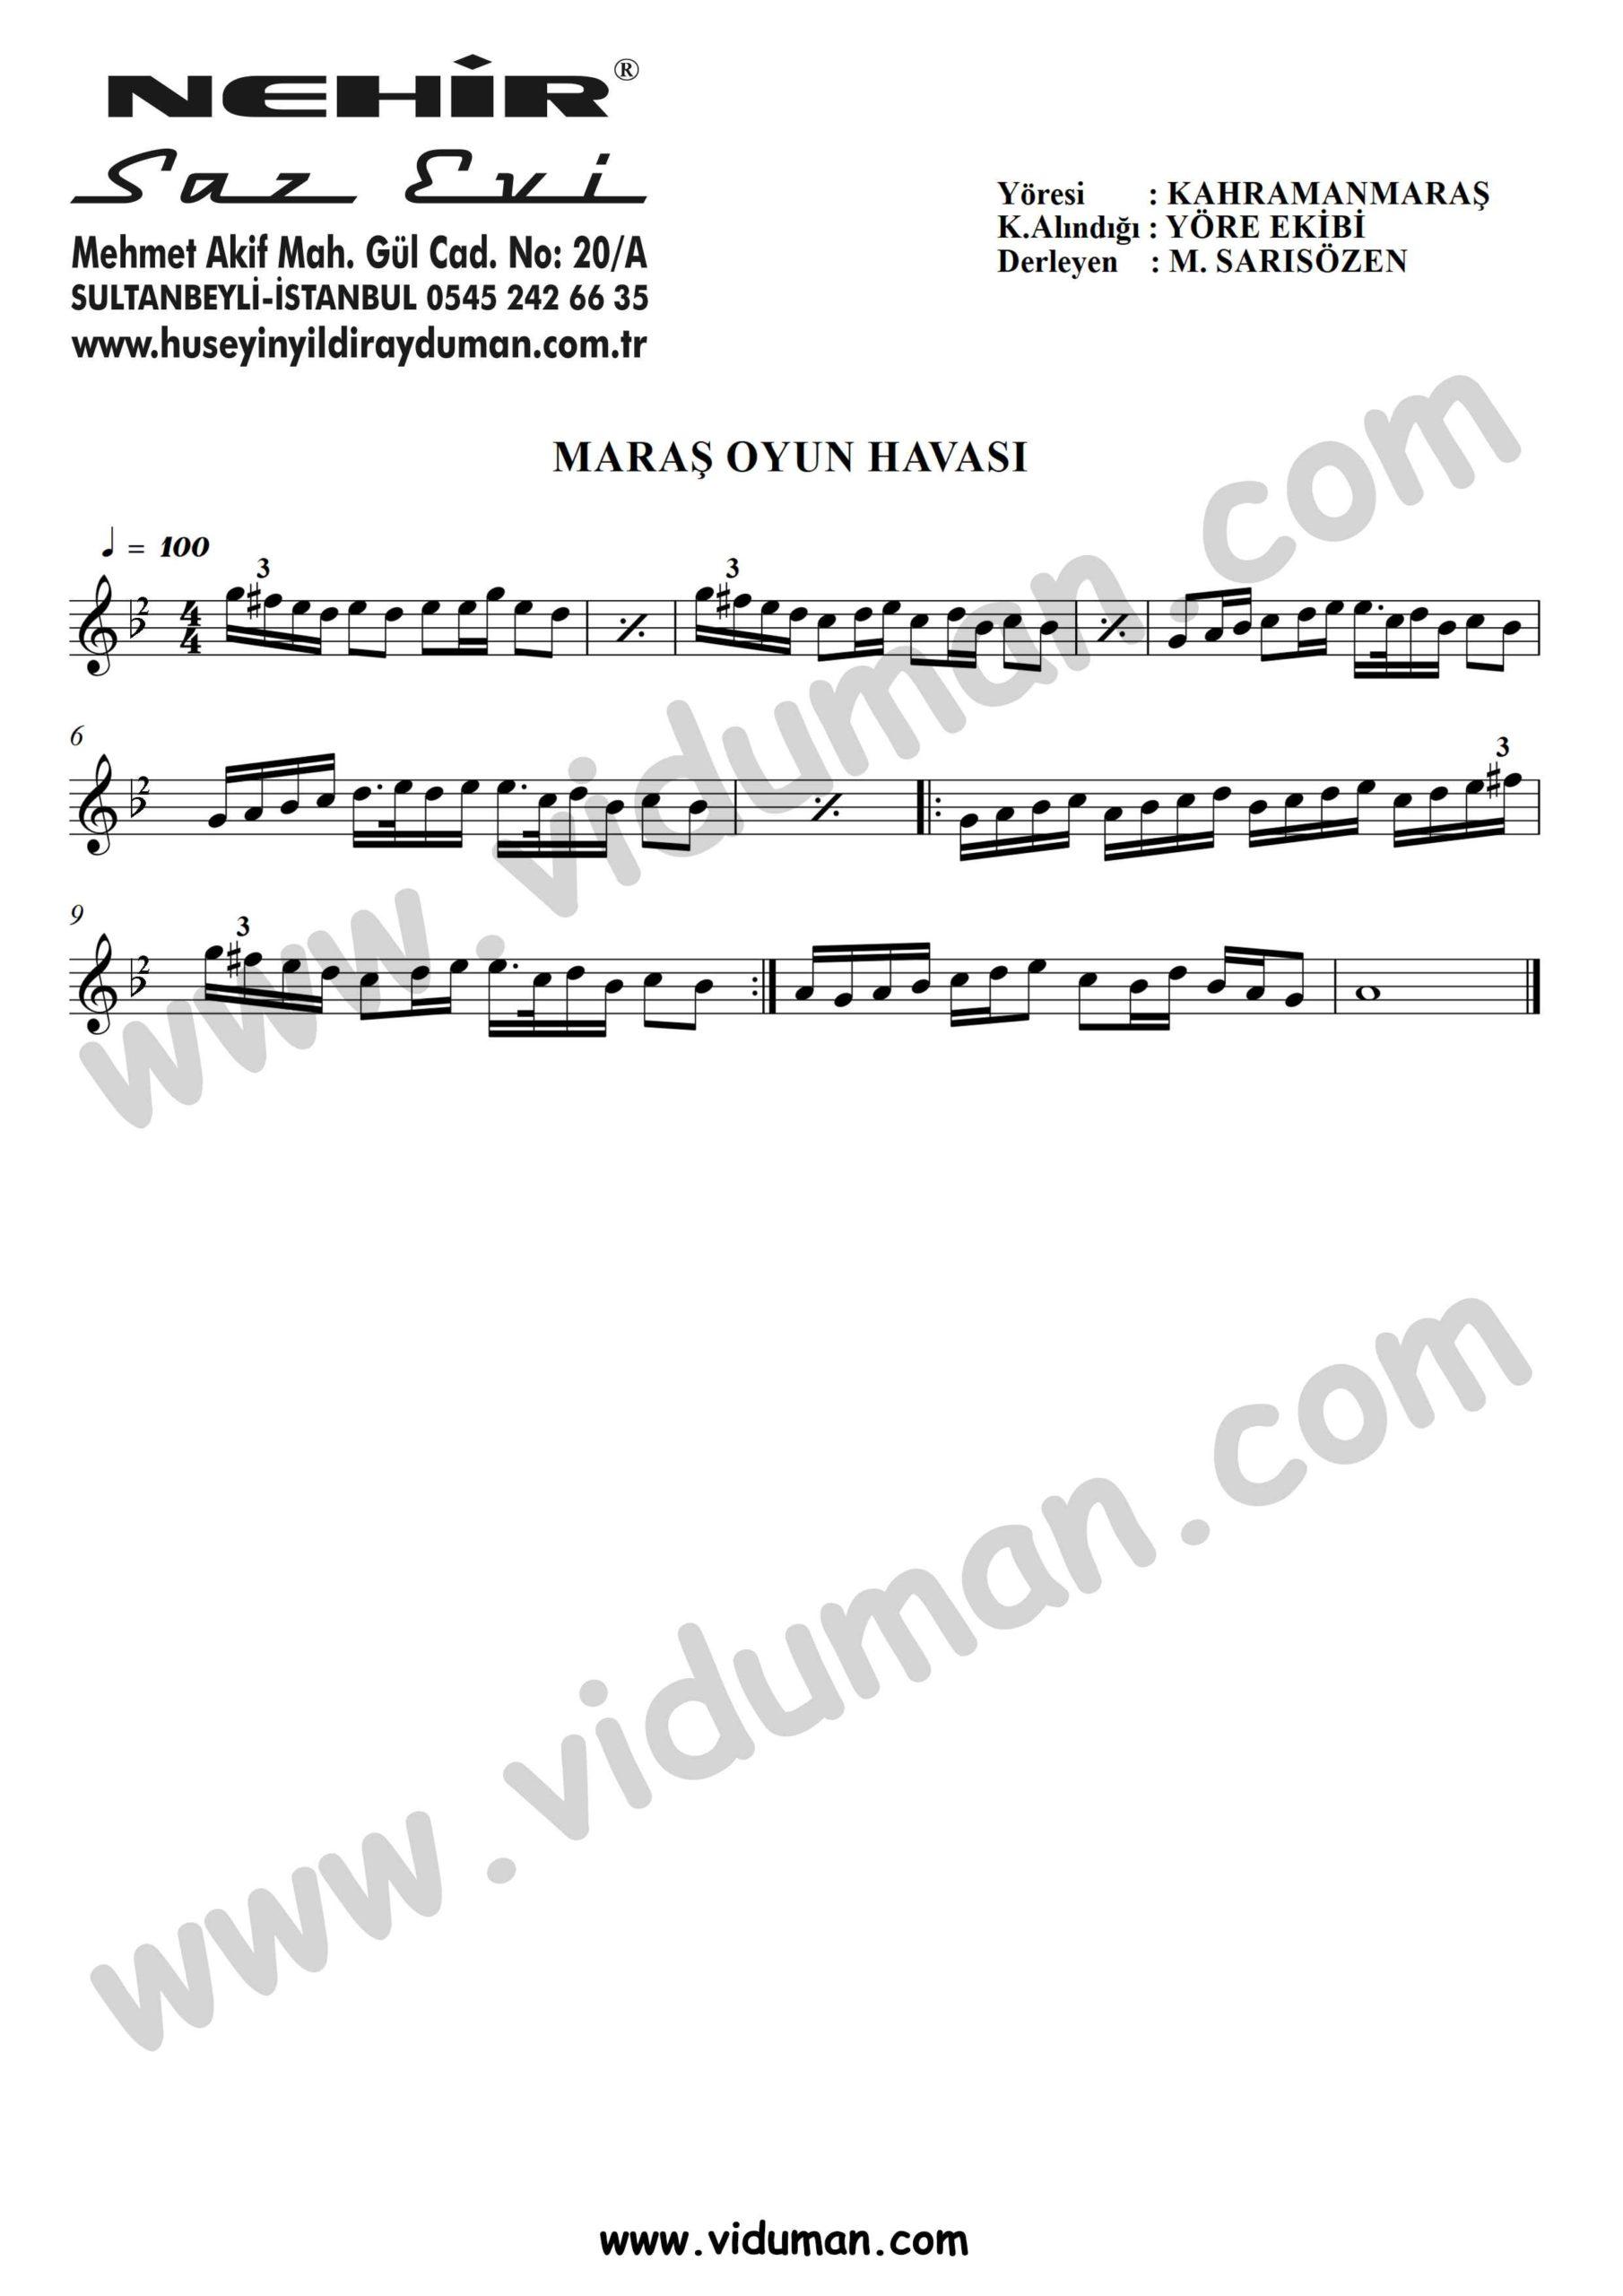 Maras Oyun Havasi-Baglama-Saz-Turku Notalari